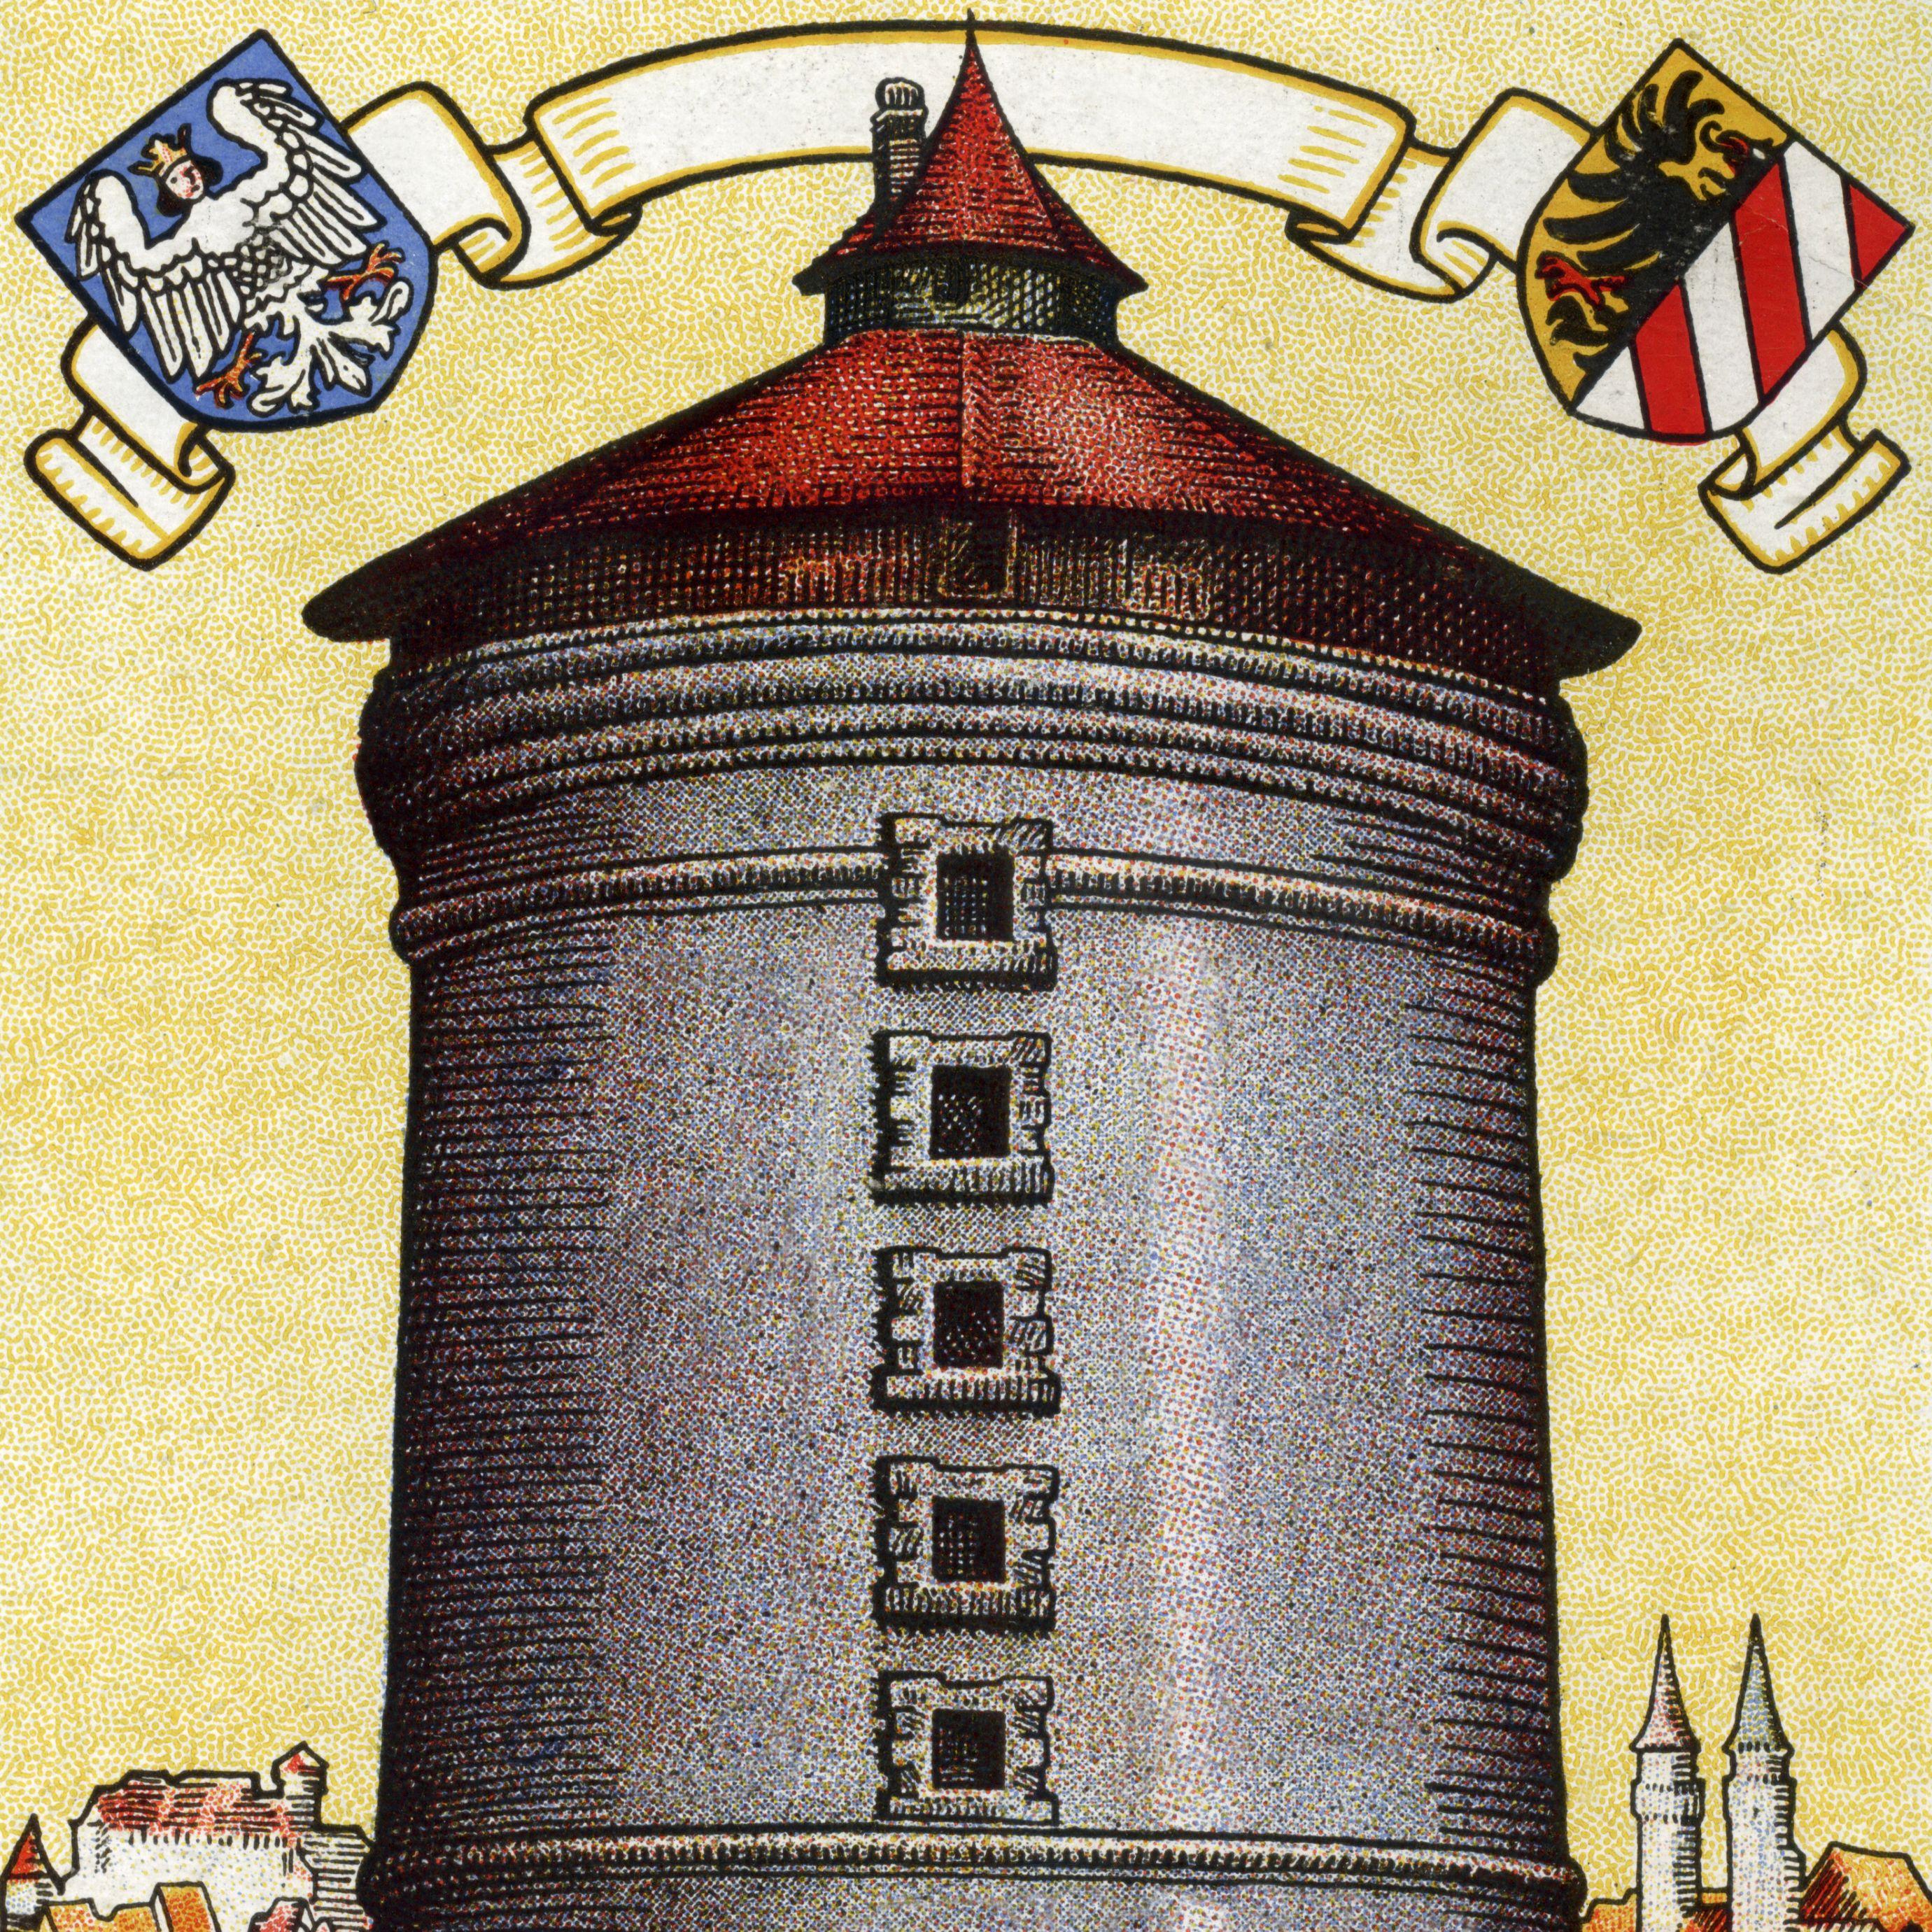 So steht im Vertrauen der Bevölkerung die Nürnberger Sparkasse Turm, oben Wappen der Stadt Nürnberg; links Großes Stadtwappen: Jungfrauenadler / rechts Kleines Wappen: Reichsadler mit Weiß und Rot geschrägtem Schild